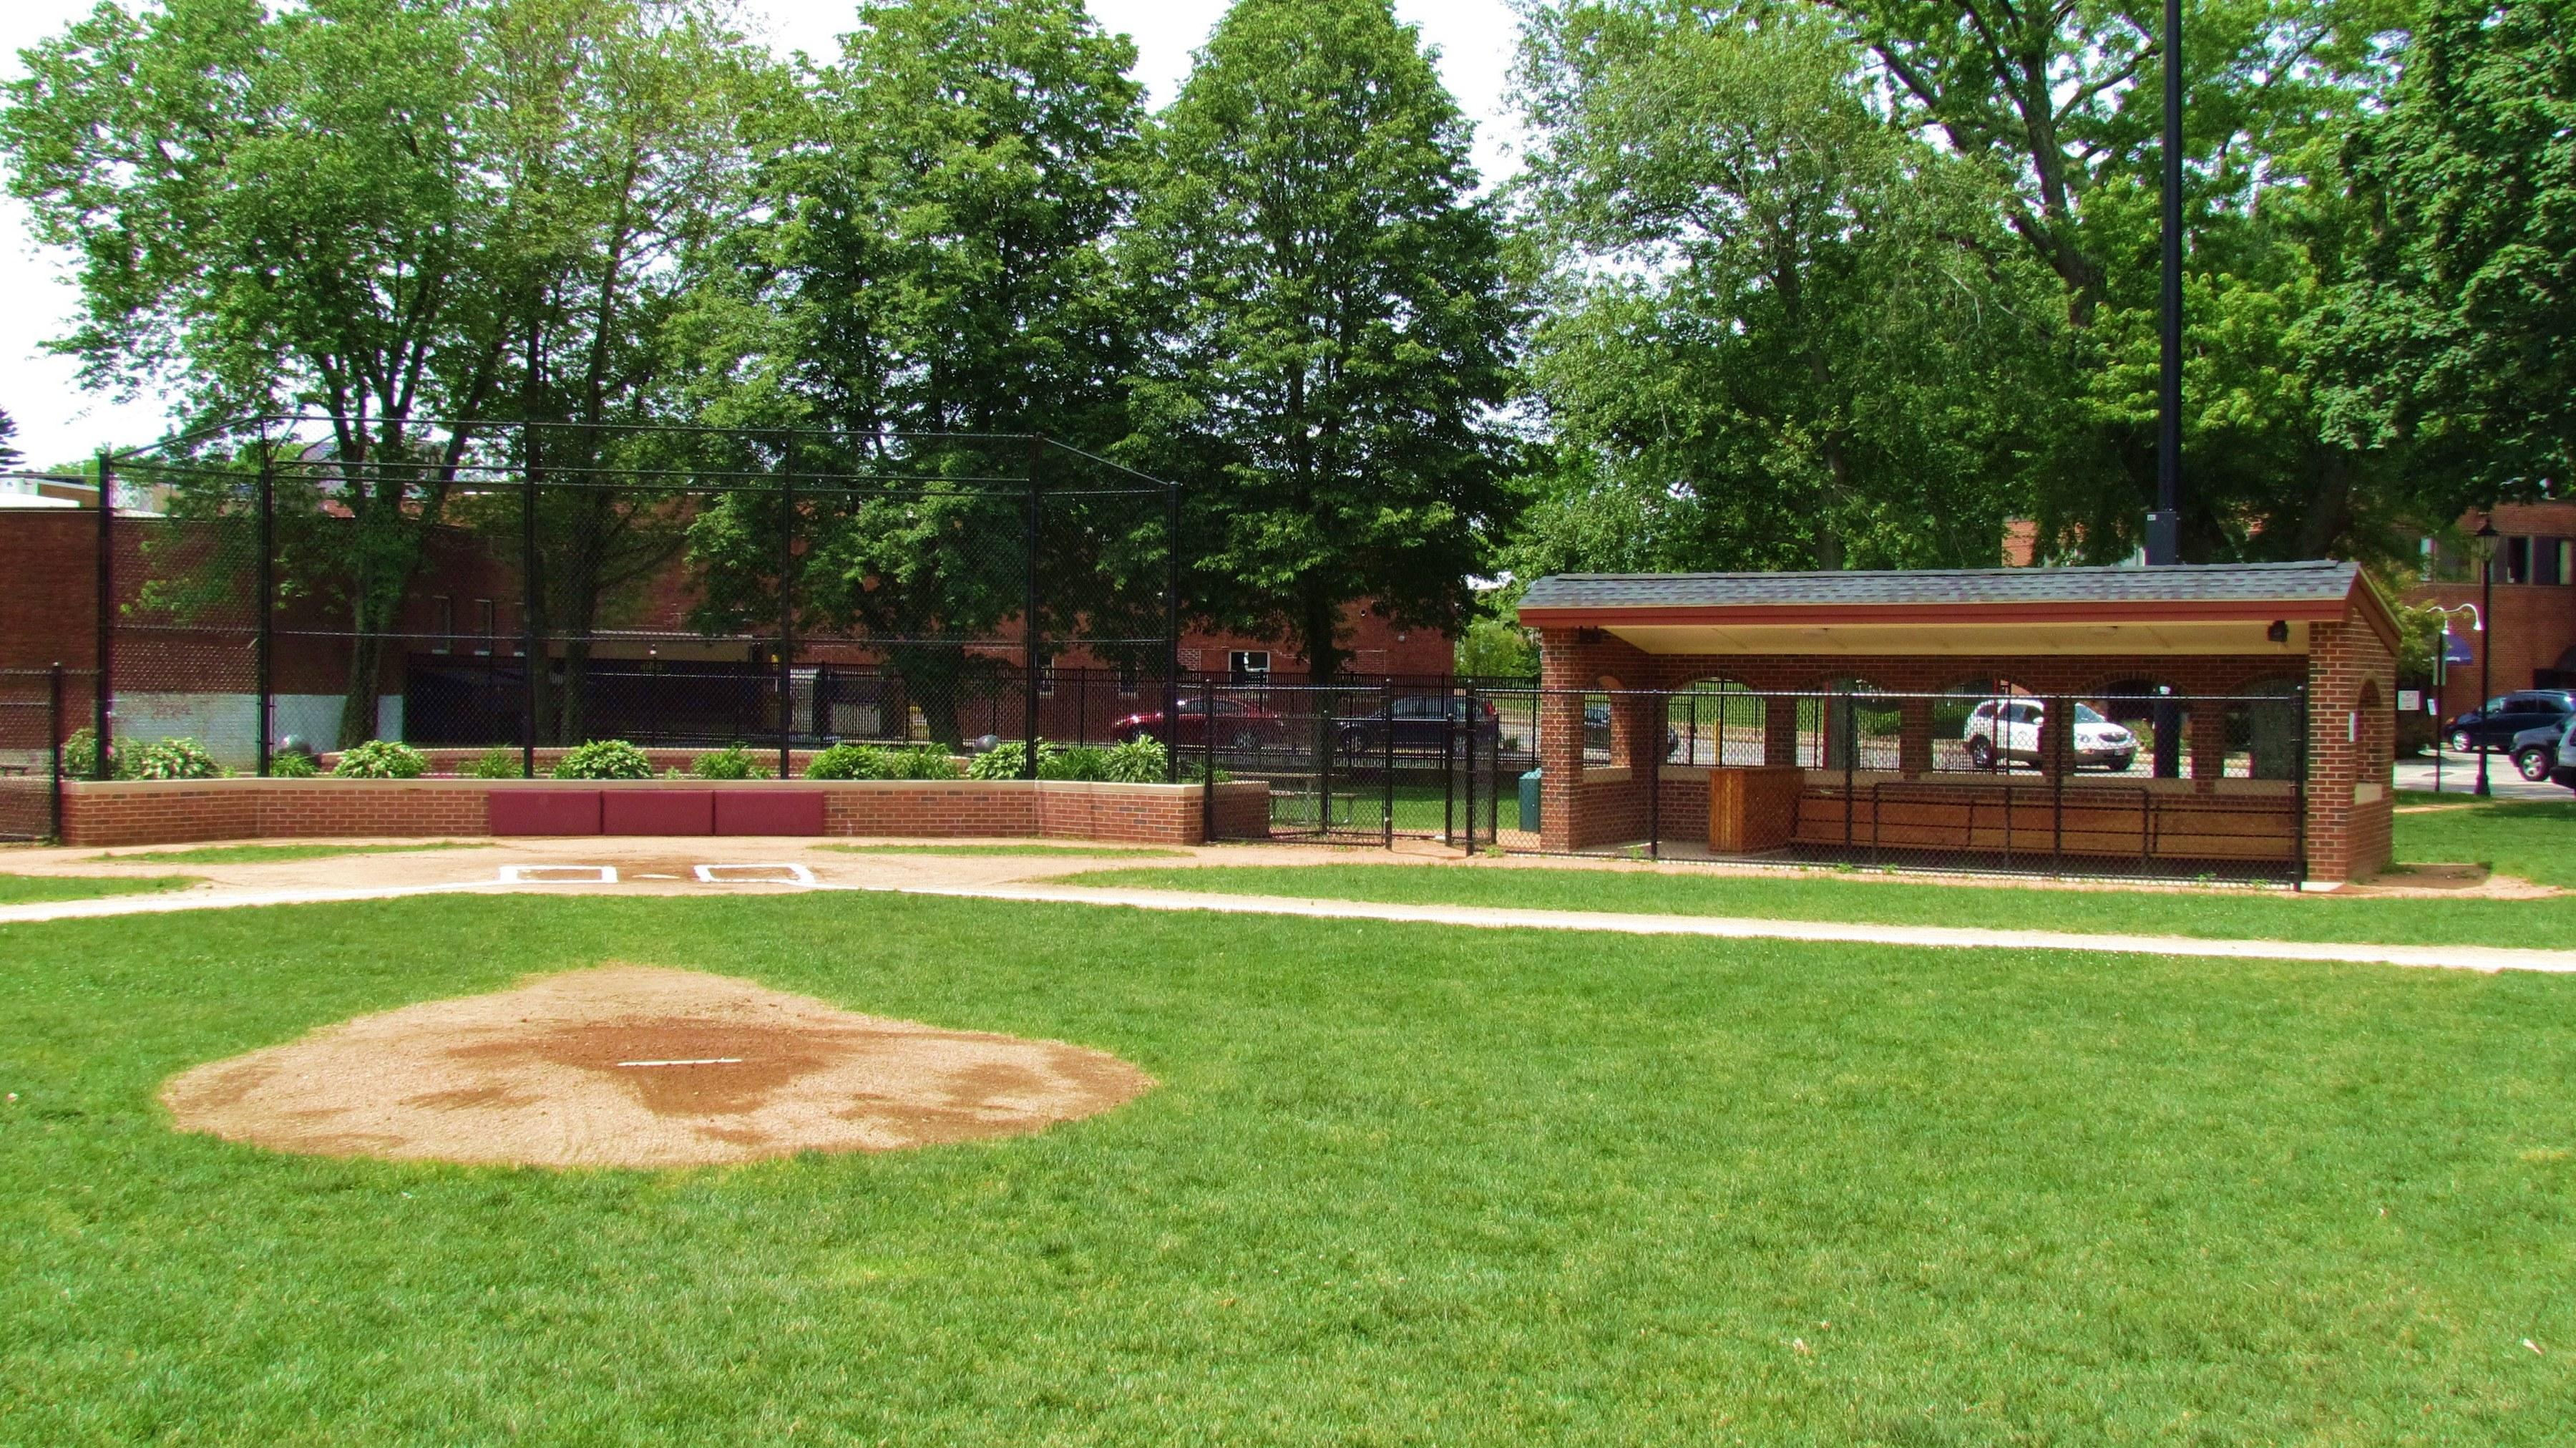 Wellesley Recreation